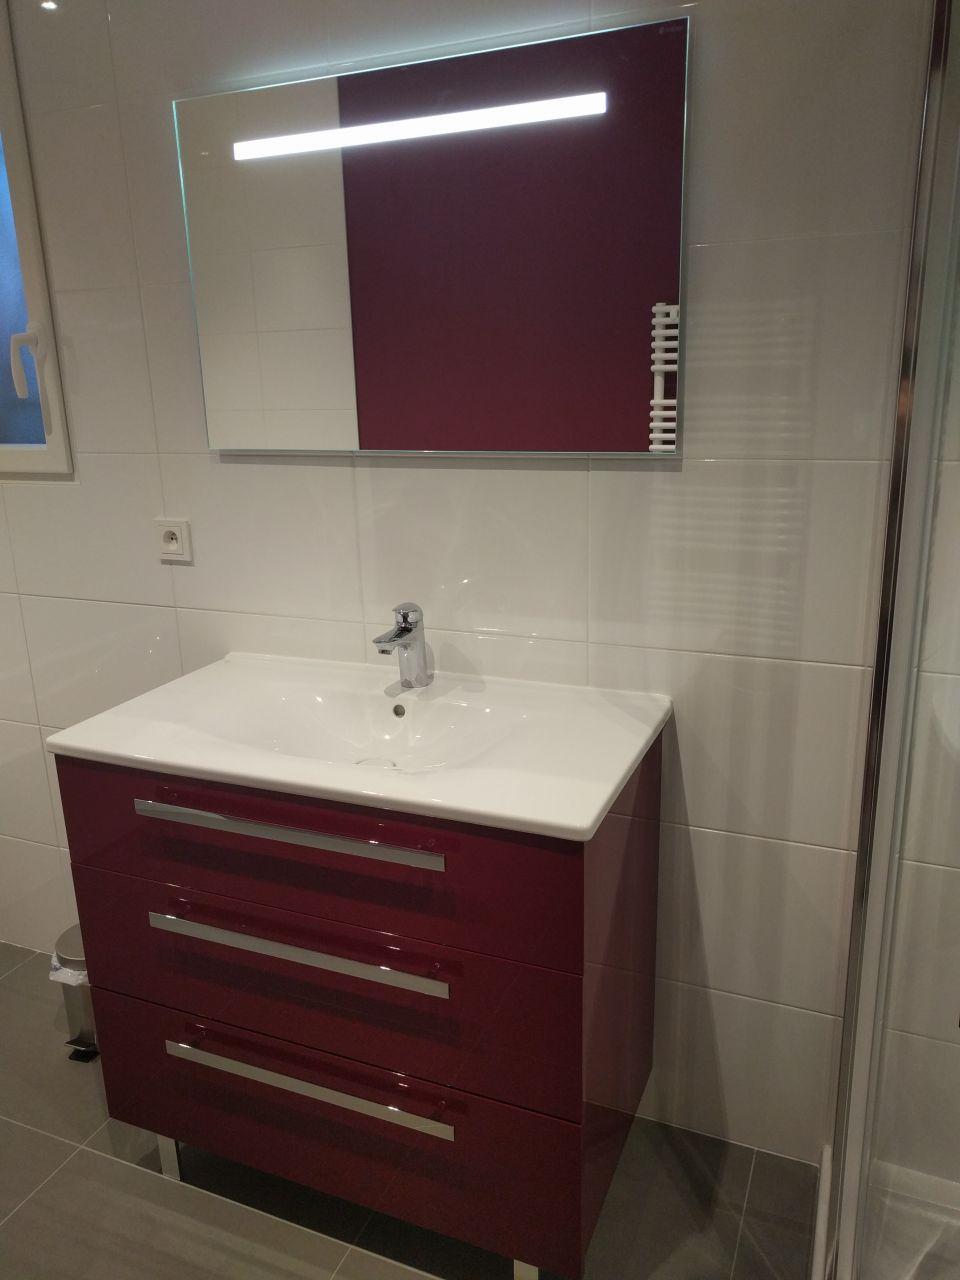 idée salle d eau - 28 images - salle de bain mosaique, salle d eau ...